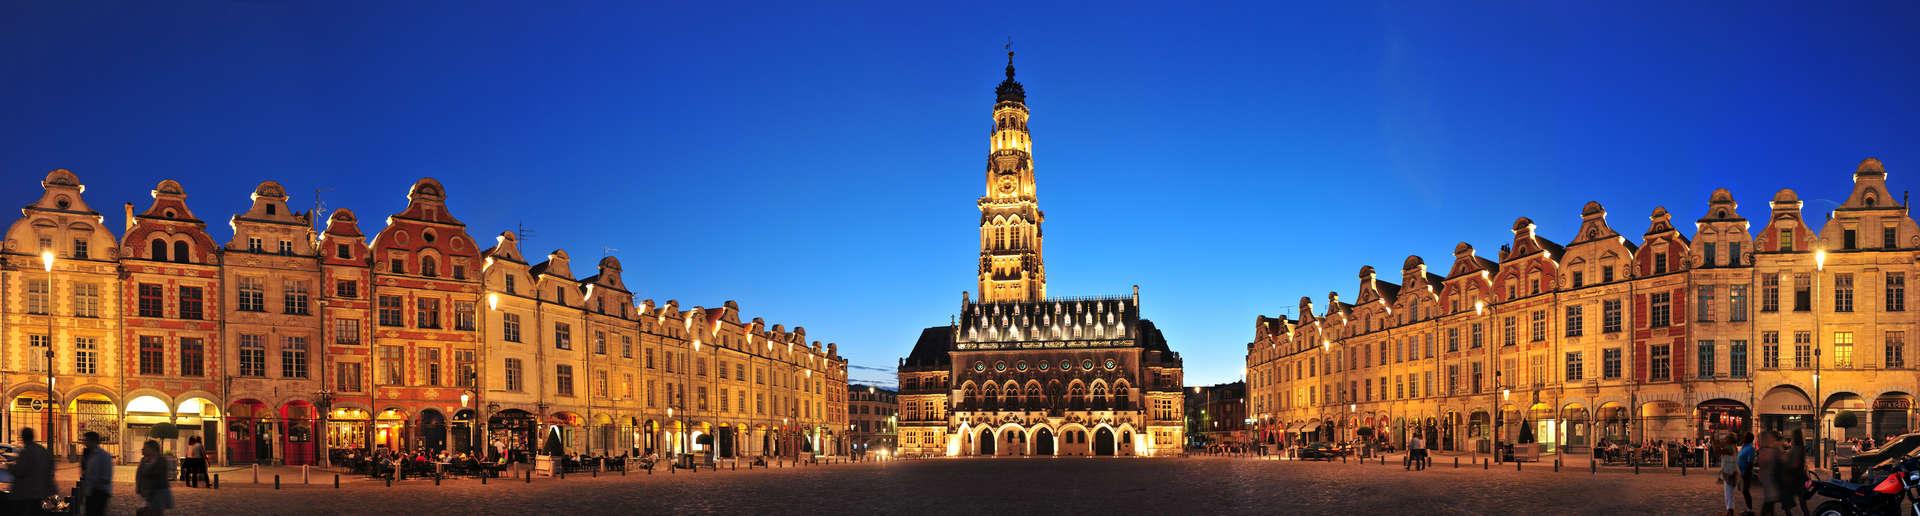 Les-places-d-Arras-des-lieux-uniques-au-monde_format_zoom.jpg